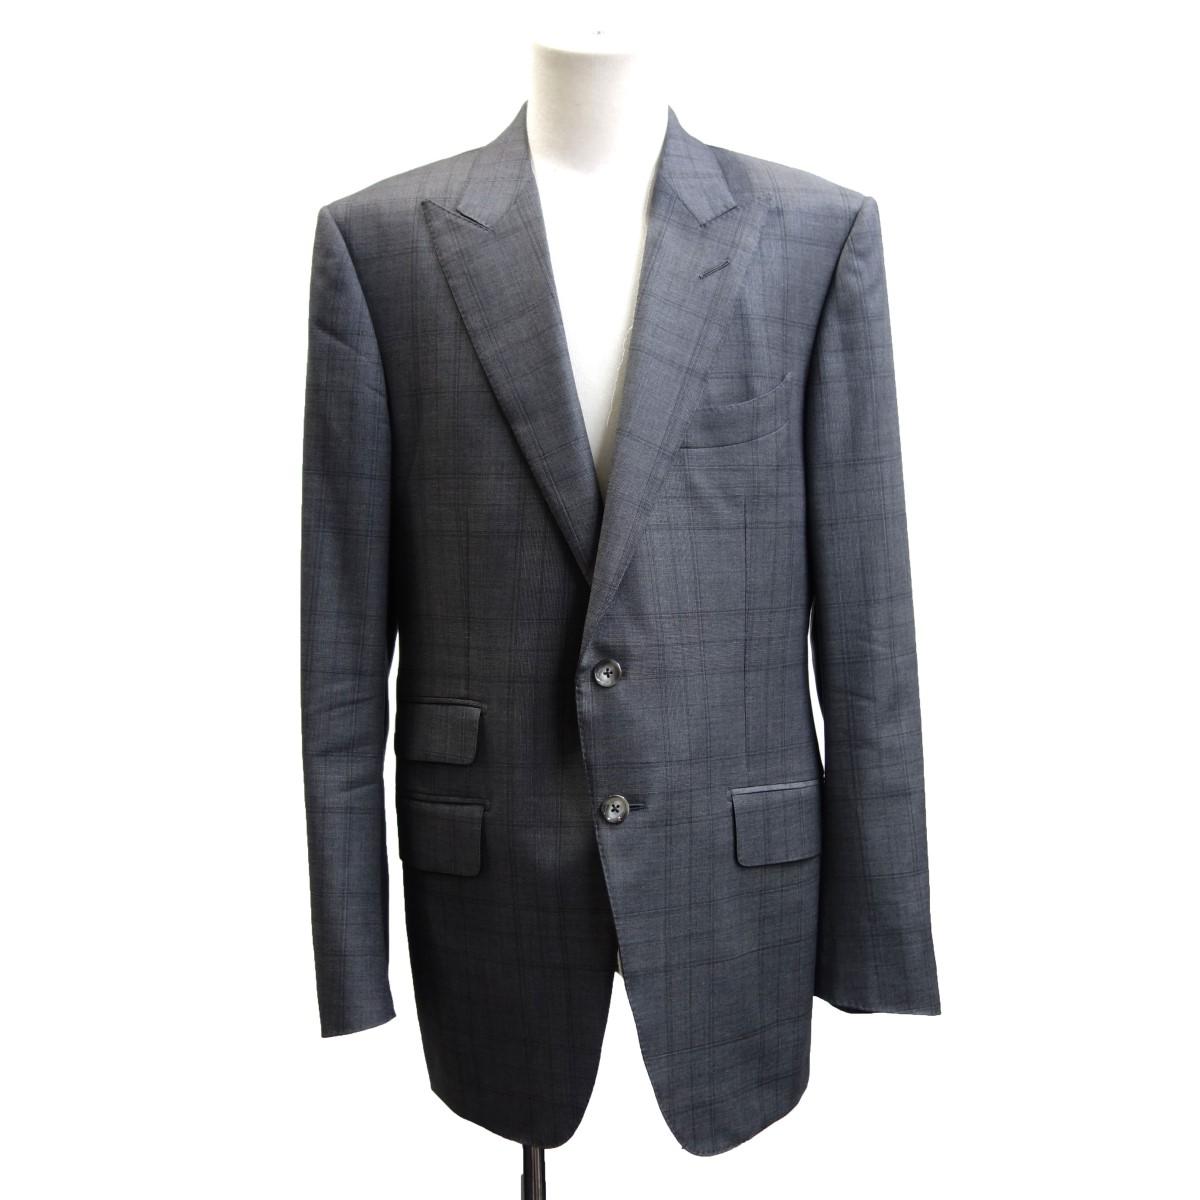 【中古】TOM FORD ピークドラペルチェックテーラードジャケット グレー サイズ:50 【100520】(トムフォード)